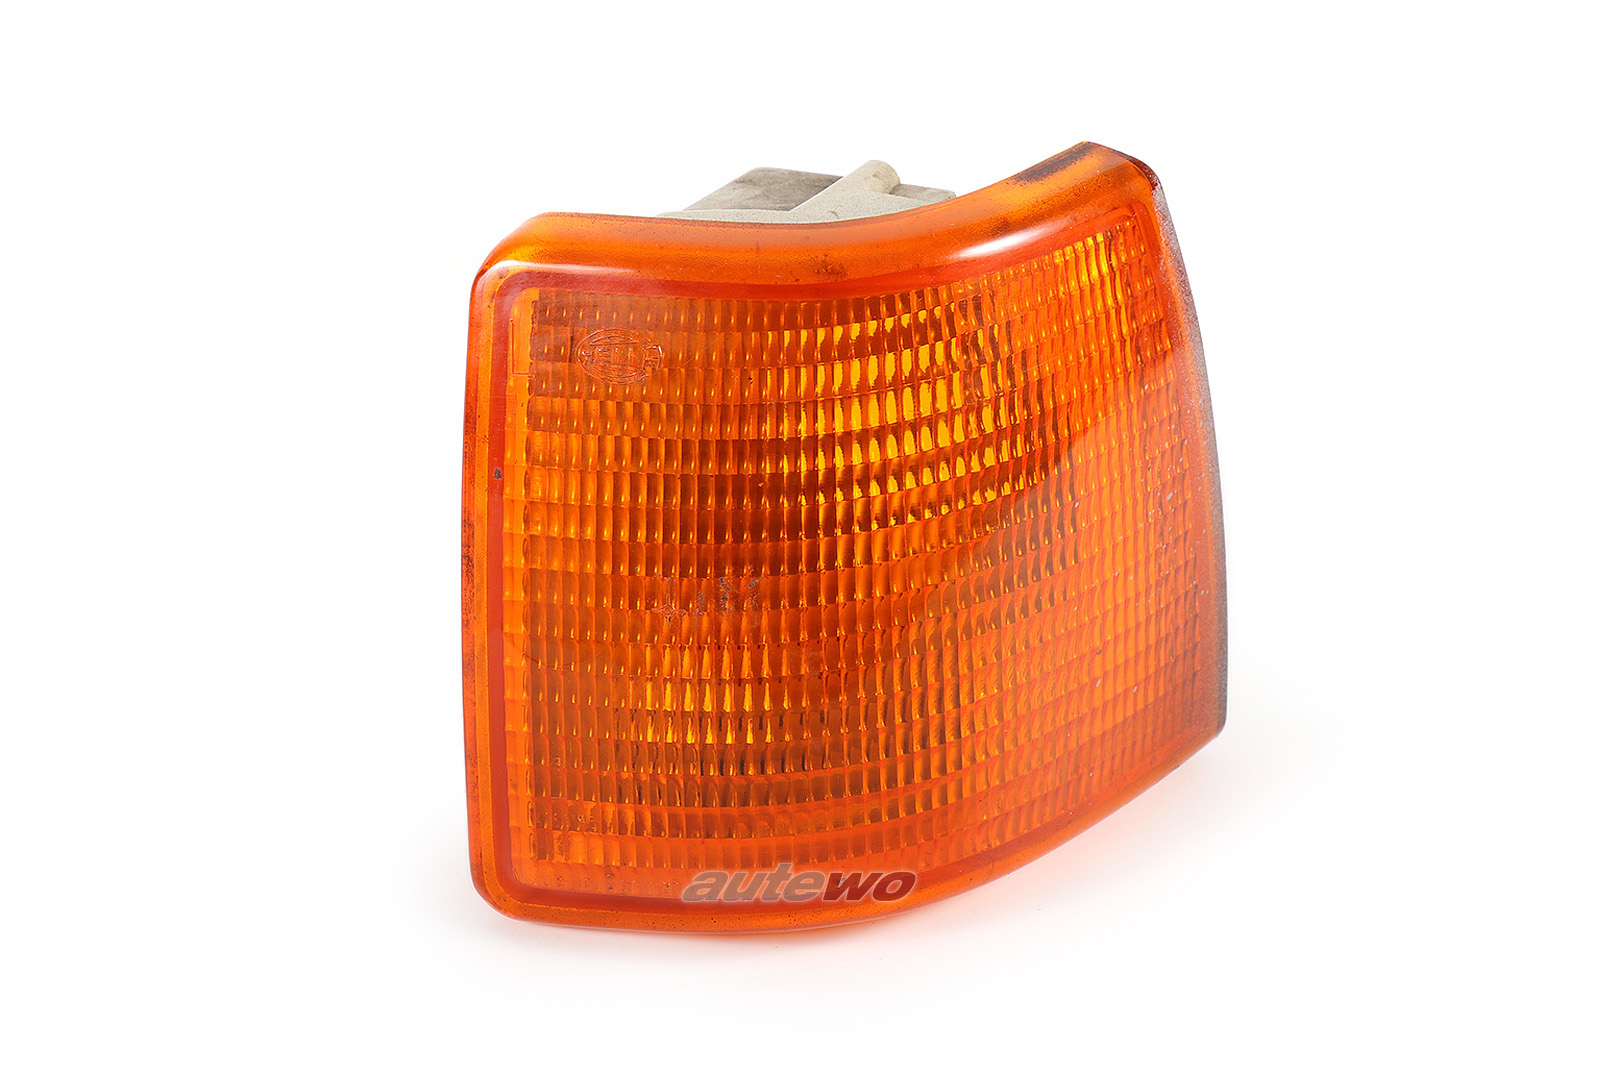 811953049D Audi 80 Typ 81/85 Blinker Hella Vorne Links orange